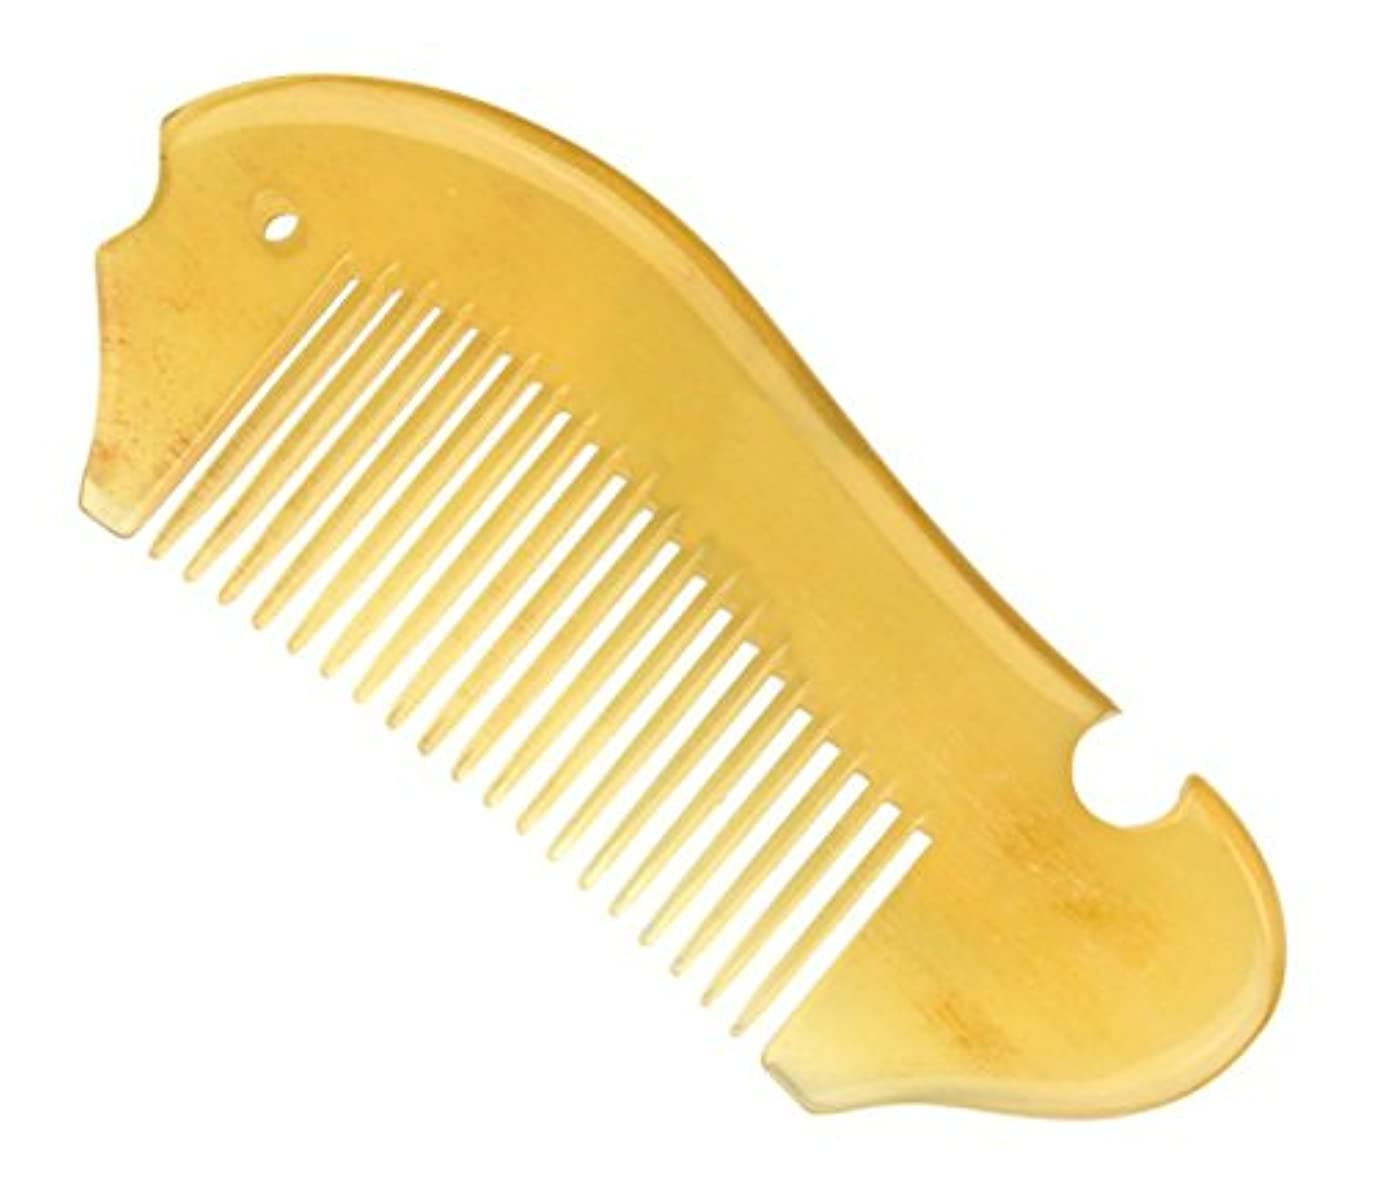 槍カメ雲櫛型 プロも使う羊角かっさプレート マサージ用 血行改善 高級 天然 静電気防止 美髪 美顔 ボディ リンパマッサージ